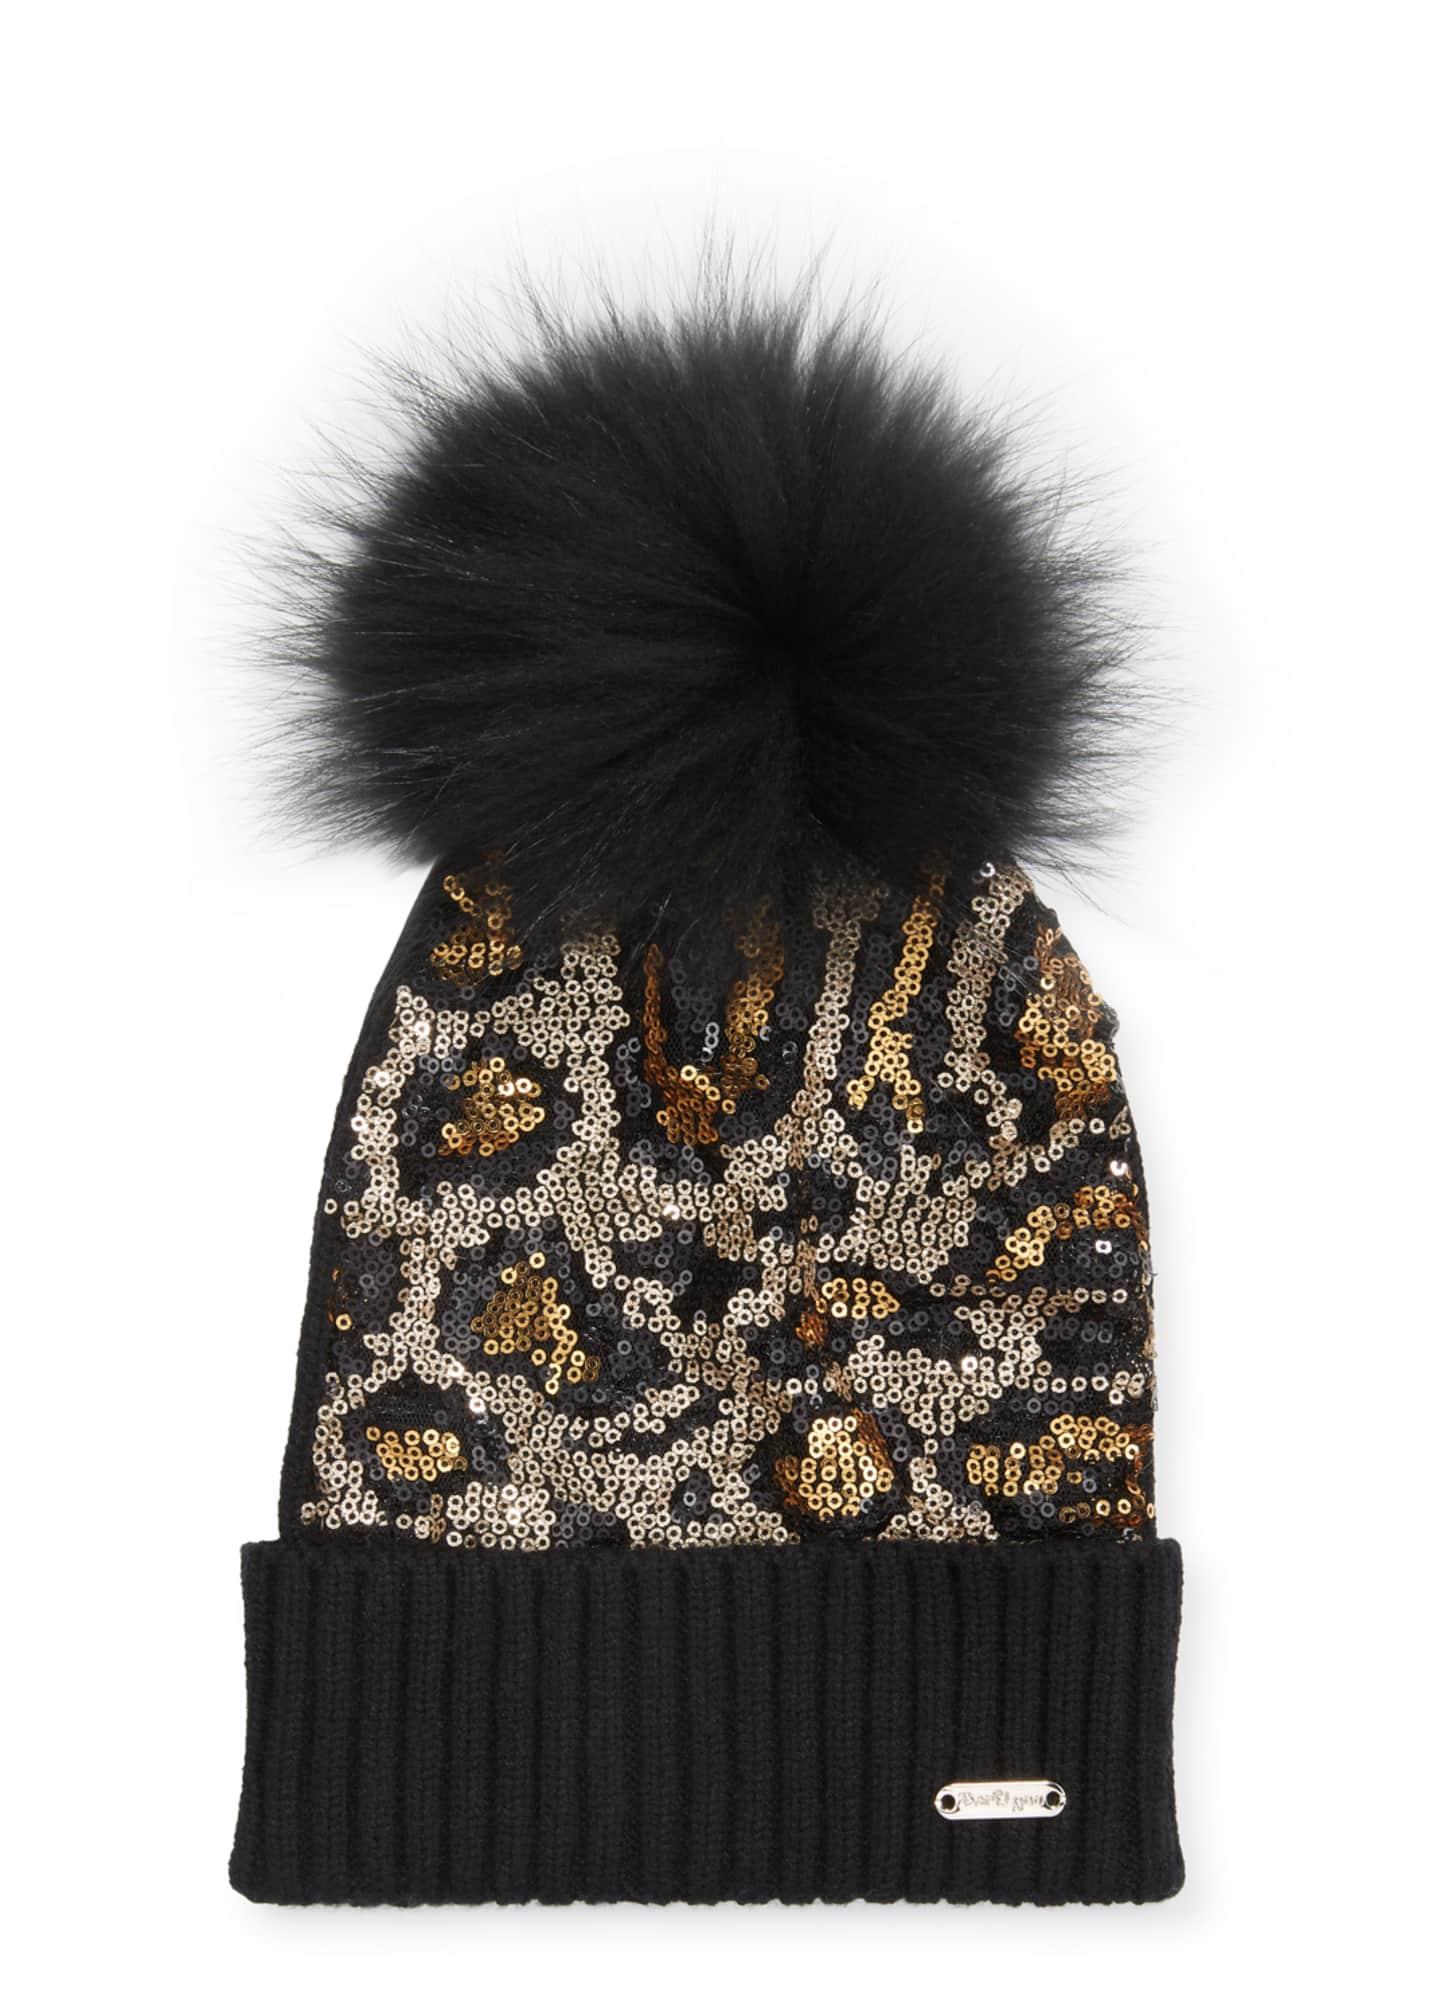 Bari Lynn Animal Sequin Beanie Hat w/ Fur